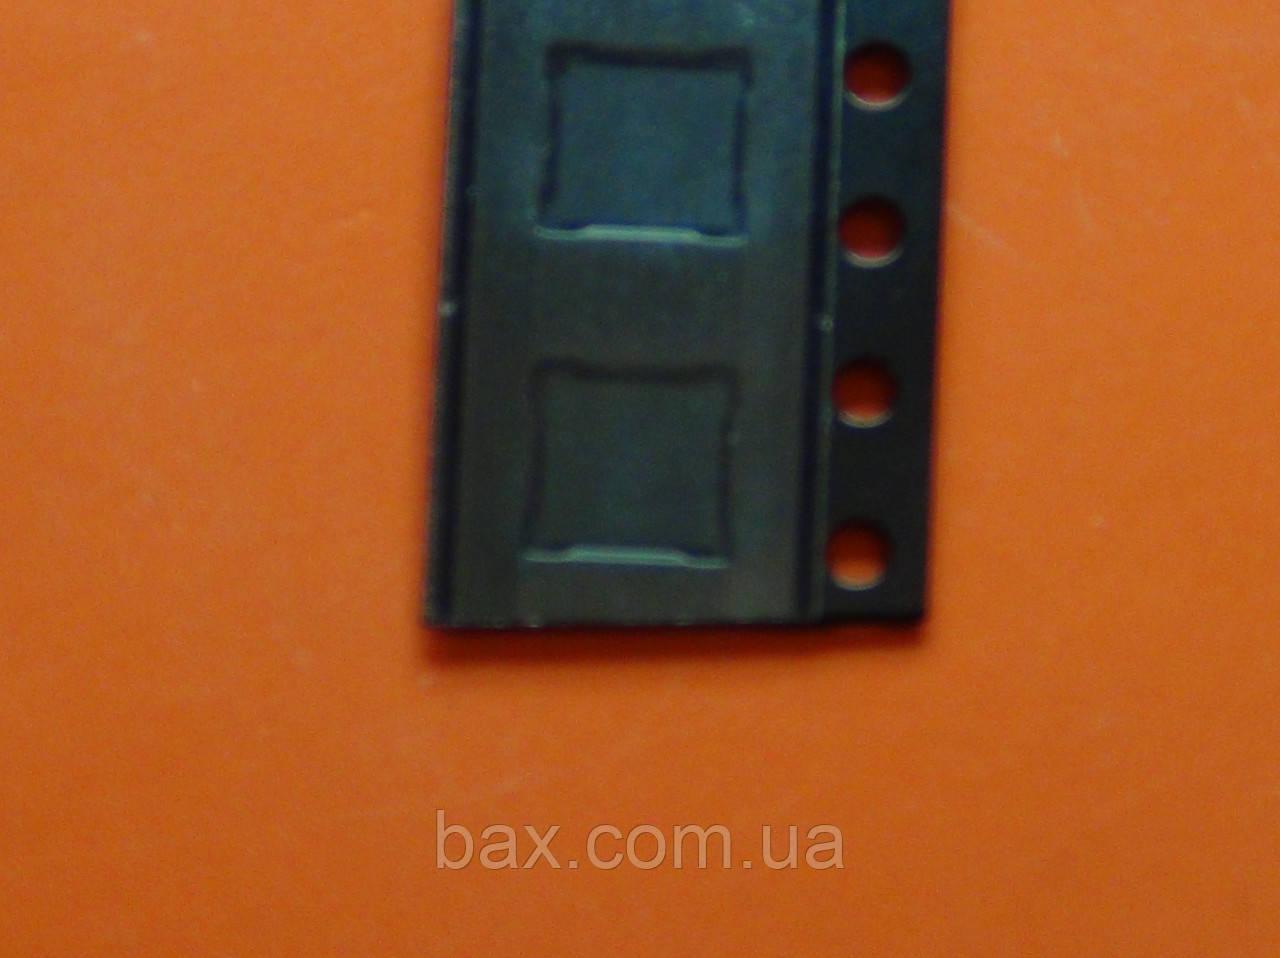 Микросхема контроллер питания WCN3990 00M Новый в упаковке